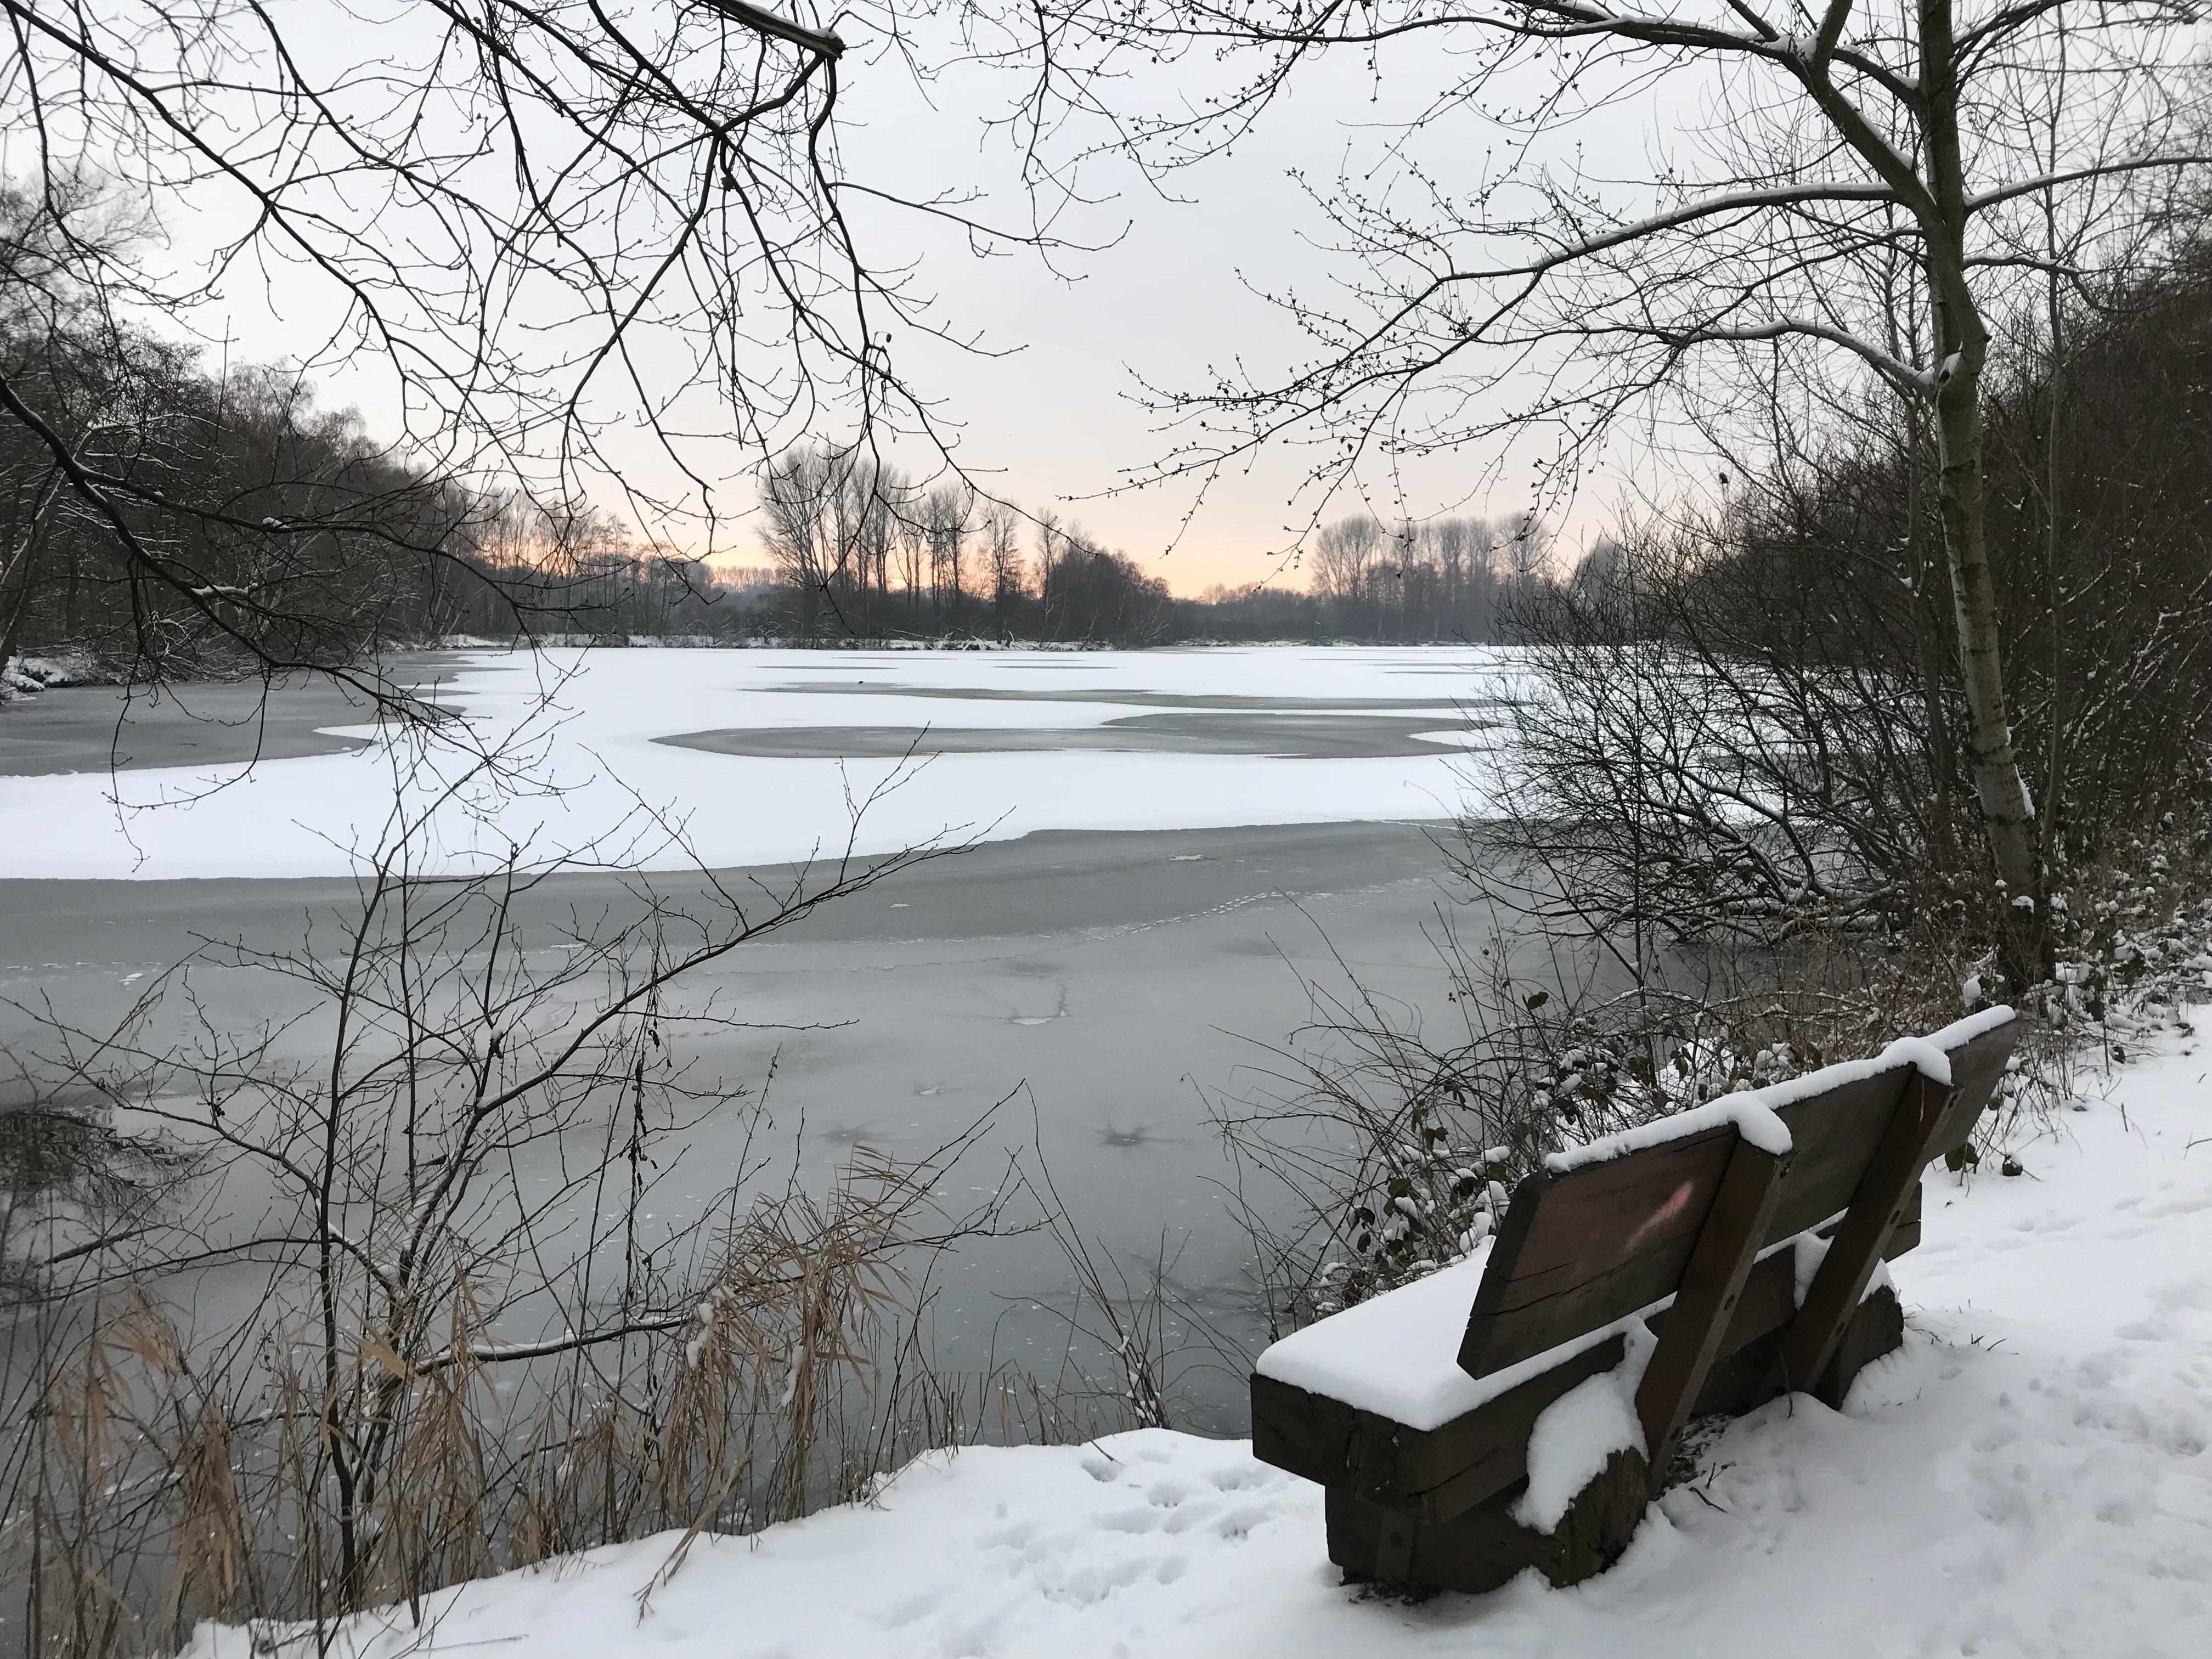 Eisiger Wintertag am Borner See, Naturpark Schwalm-Nette